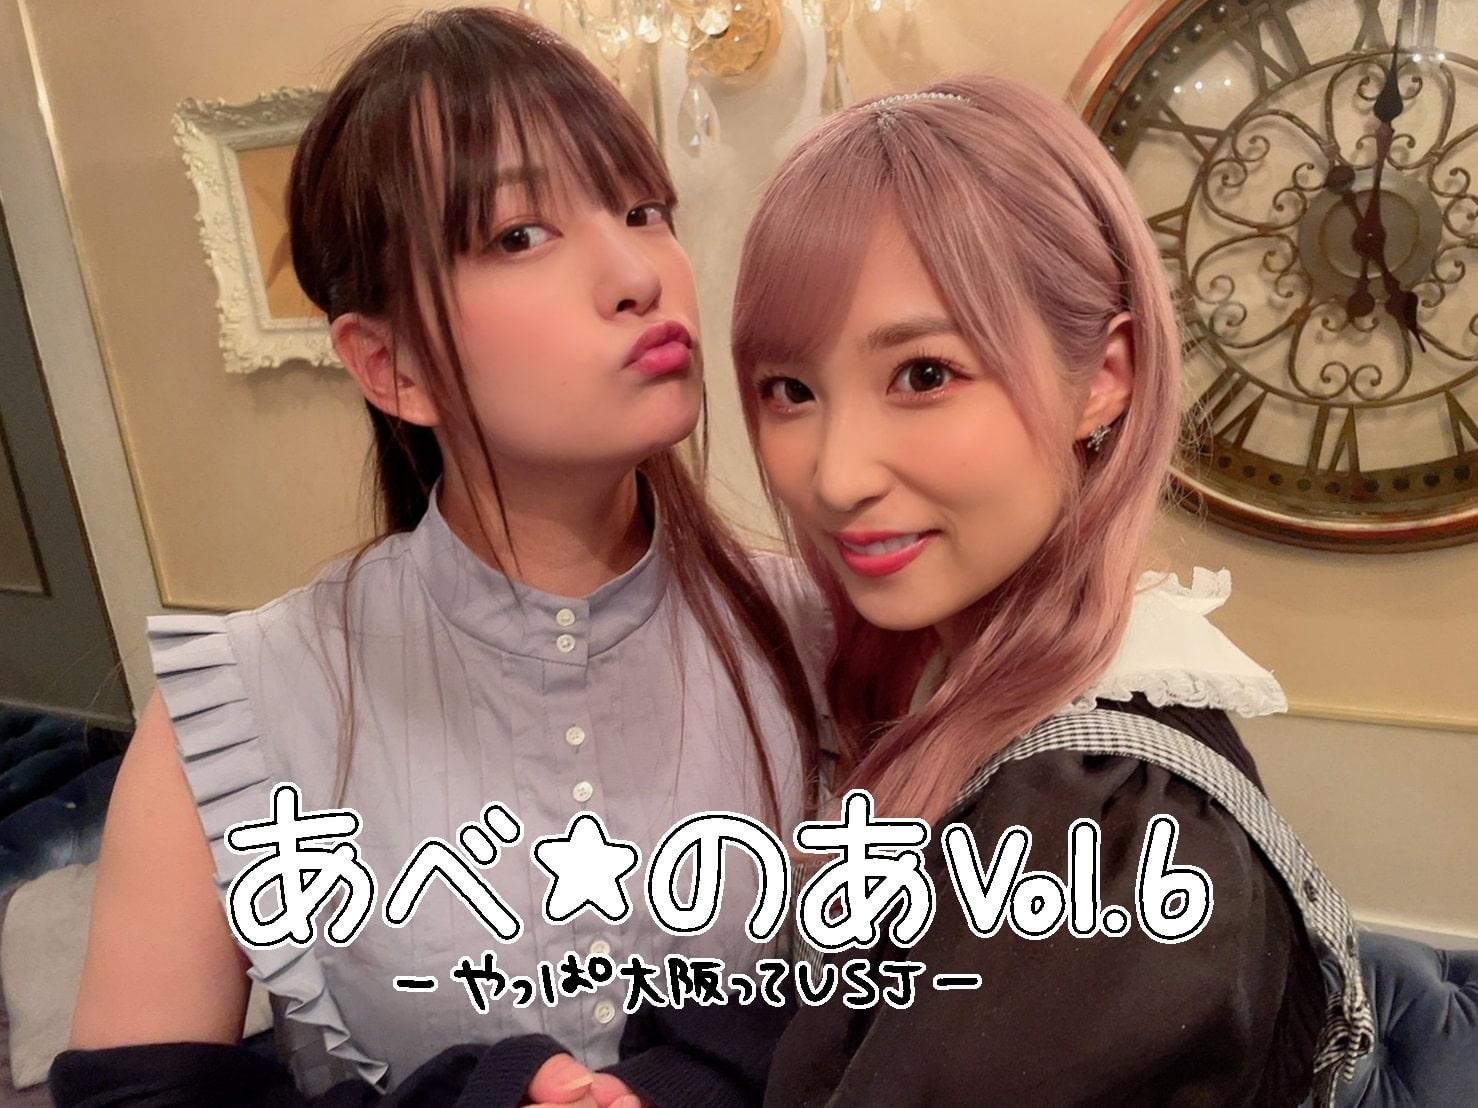 あべ☆のあ Vol.6 -やっぱ大阪ってUSJ-画像